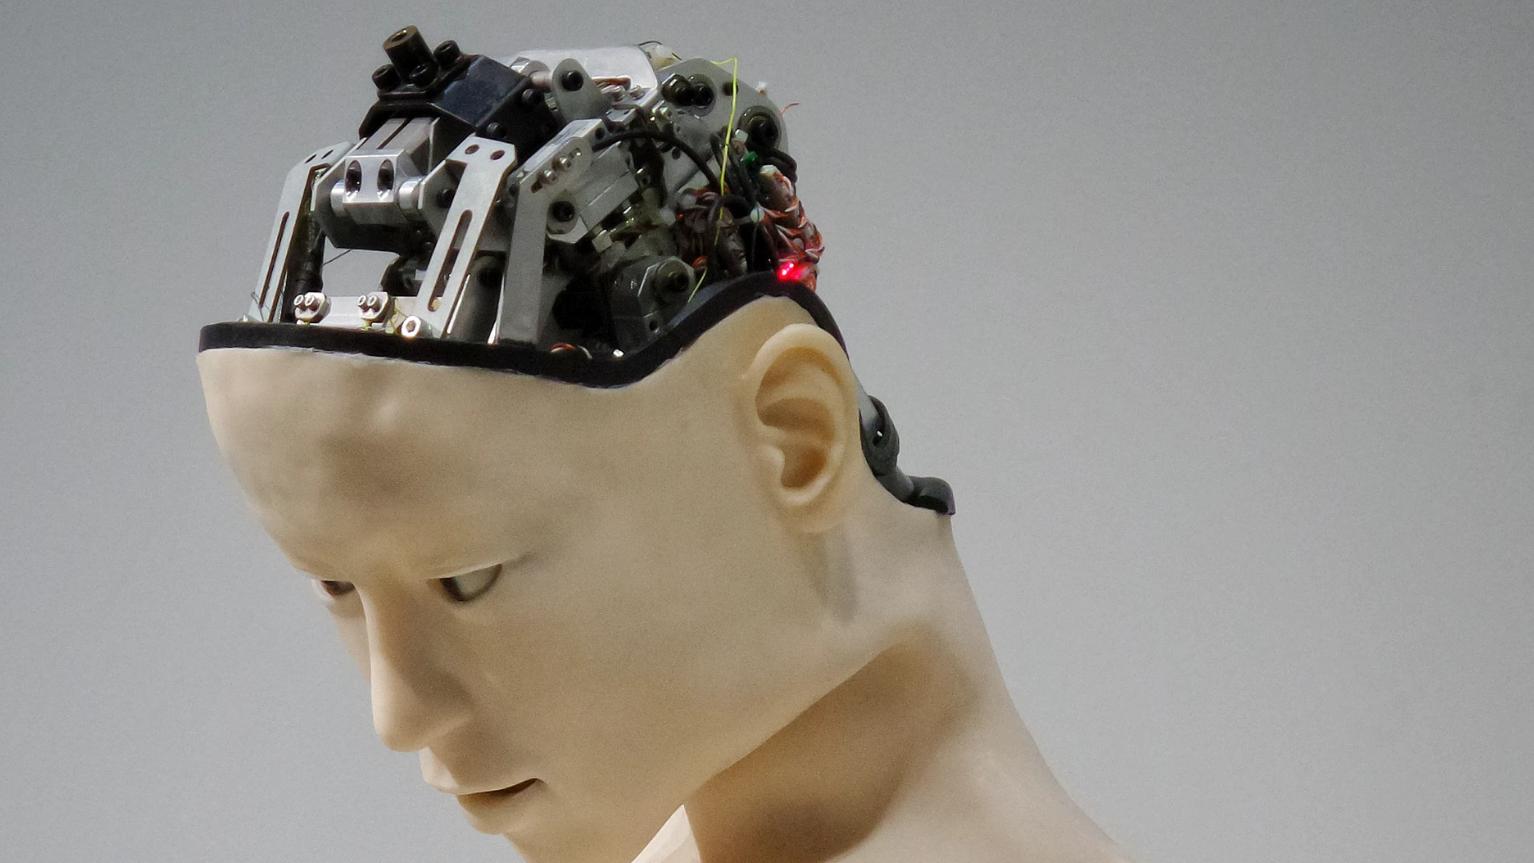 Vuoi ridurre il CPA? Prova il retargeting basato sull'apprendimento automatico.